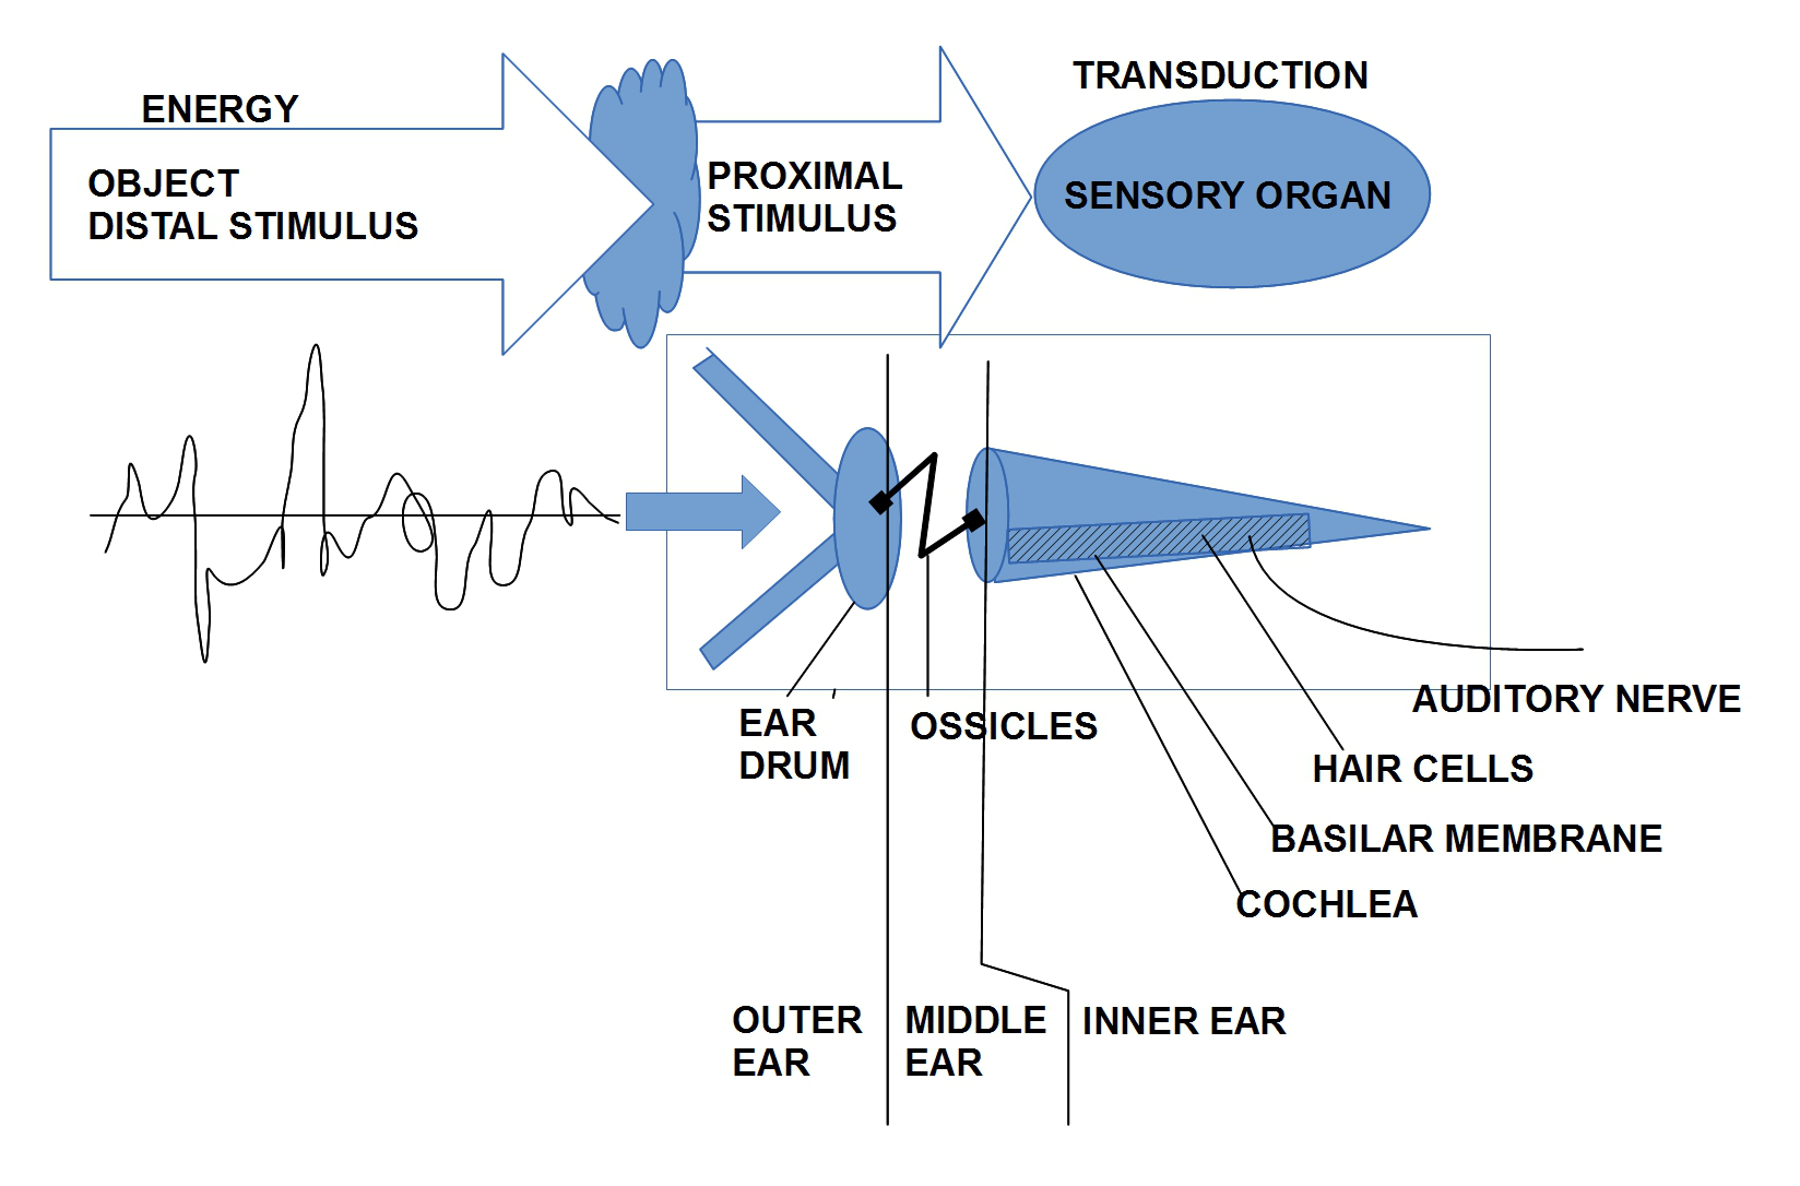 Skizze zur Übersetzung ('transduction') Energieereignissen im Kontext von von empirischen Ereignisquellen in neuronale Ereignisse. Am Beispiel des Ohres kann man ca. 6 verschiedene Übersetzungsprozesse unterscheiden, die alle hintereinander geschaltet sind